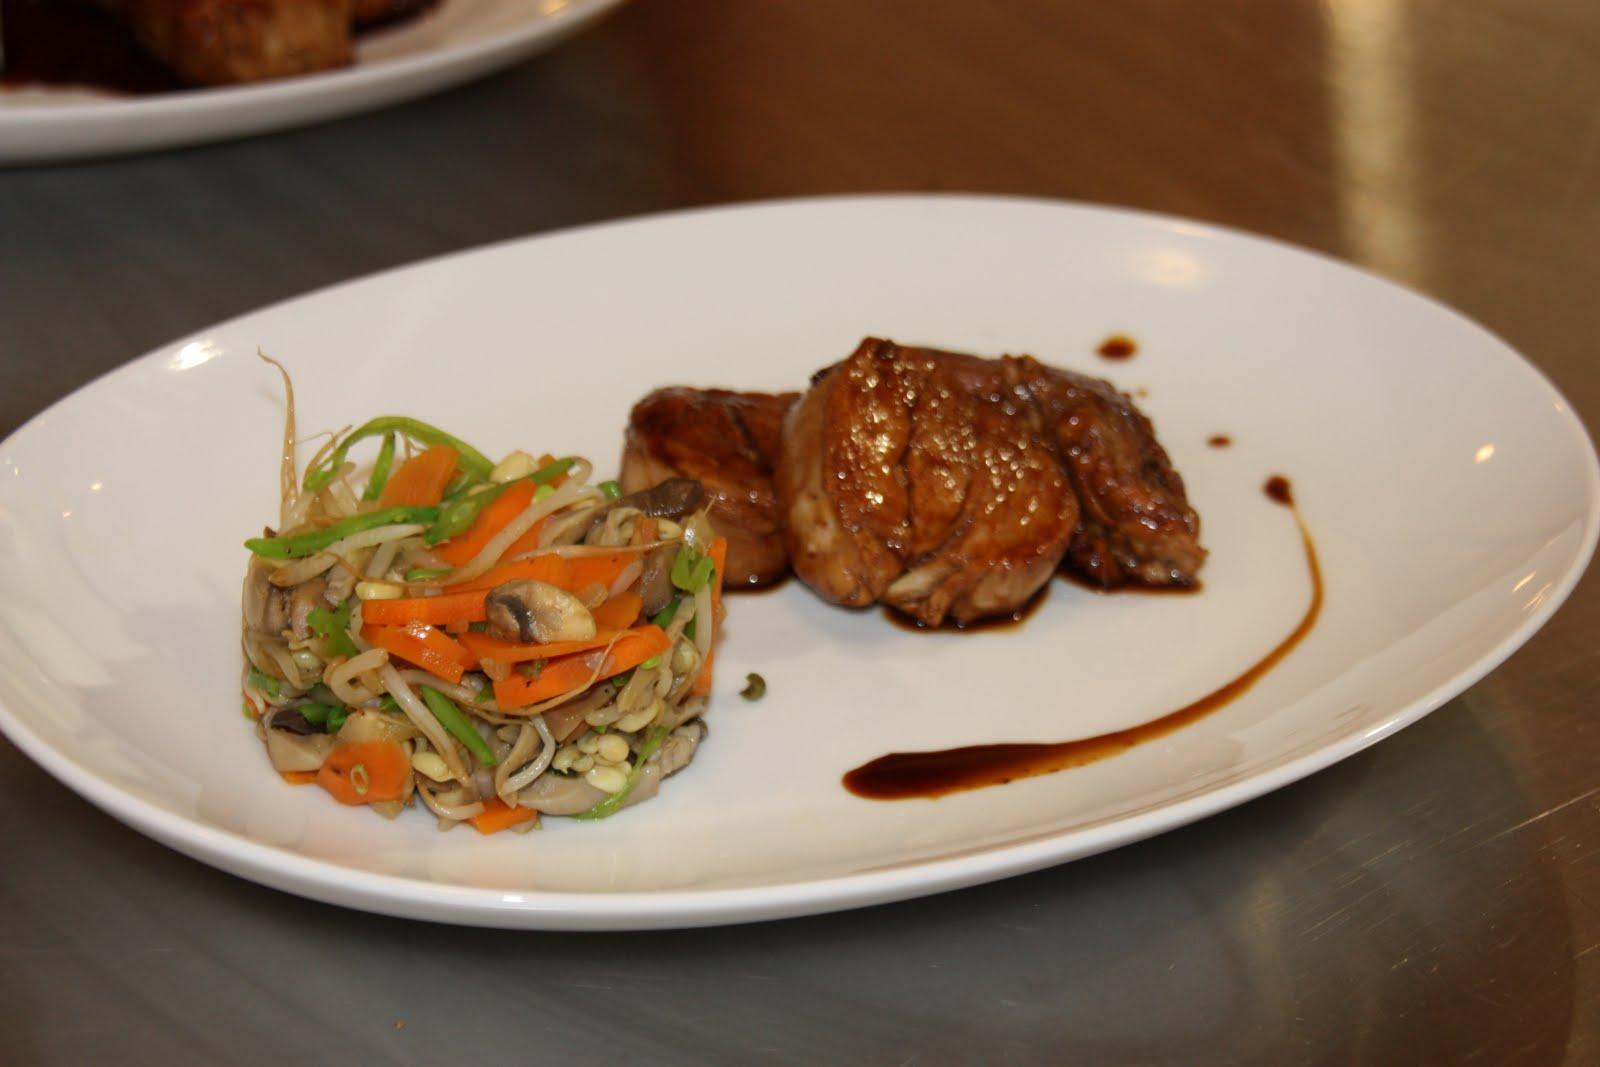 Cuisine rime avec delphine filet mignon de porc laqu au - Cuisine filet mignon de porc ...